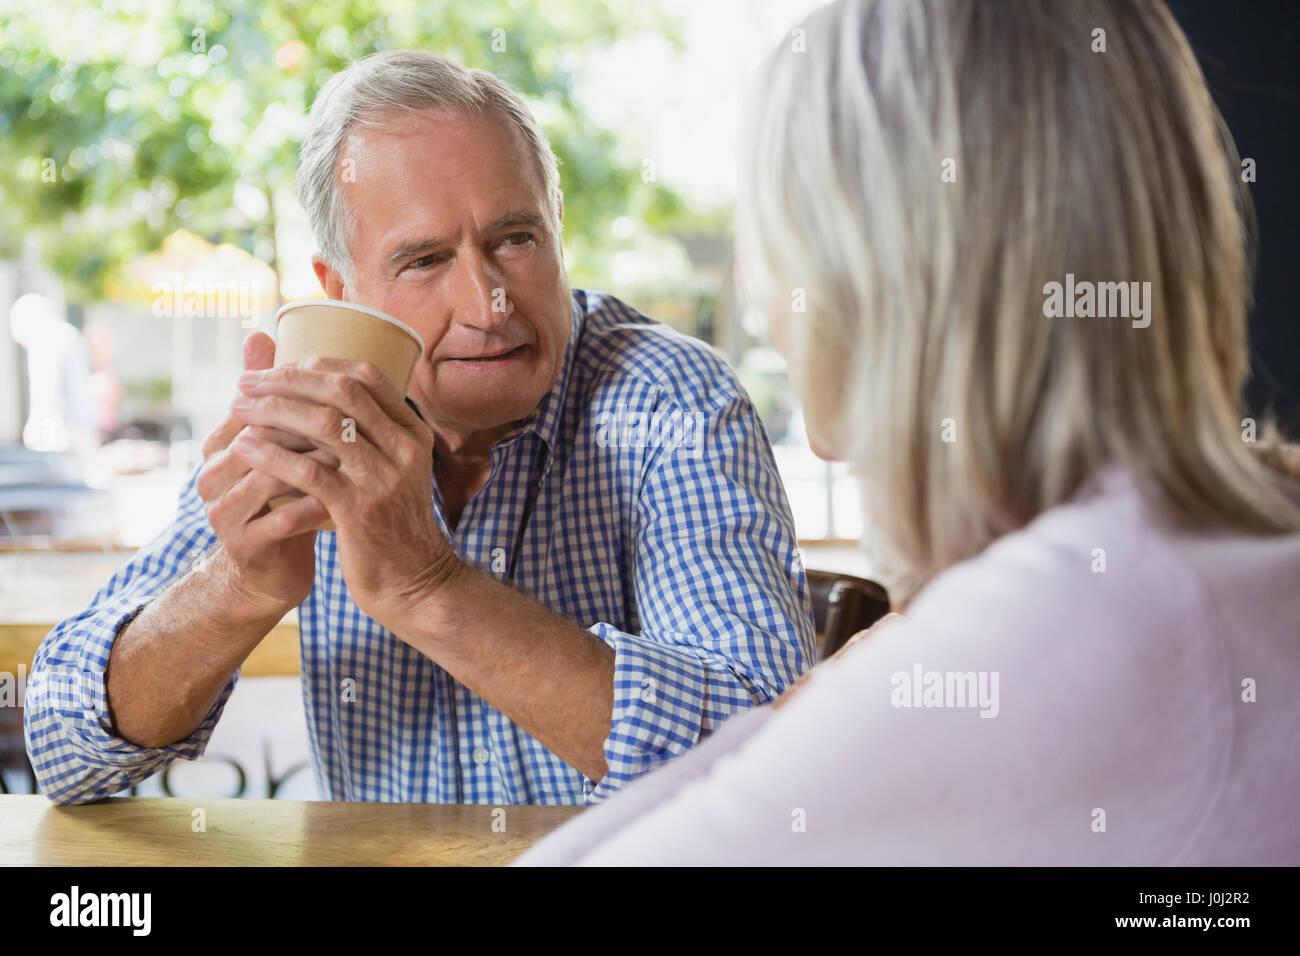 Coppia senior interagire gli uni con gli altri in café Immagini Stock